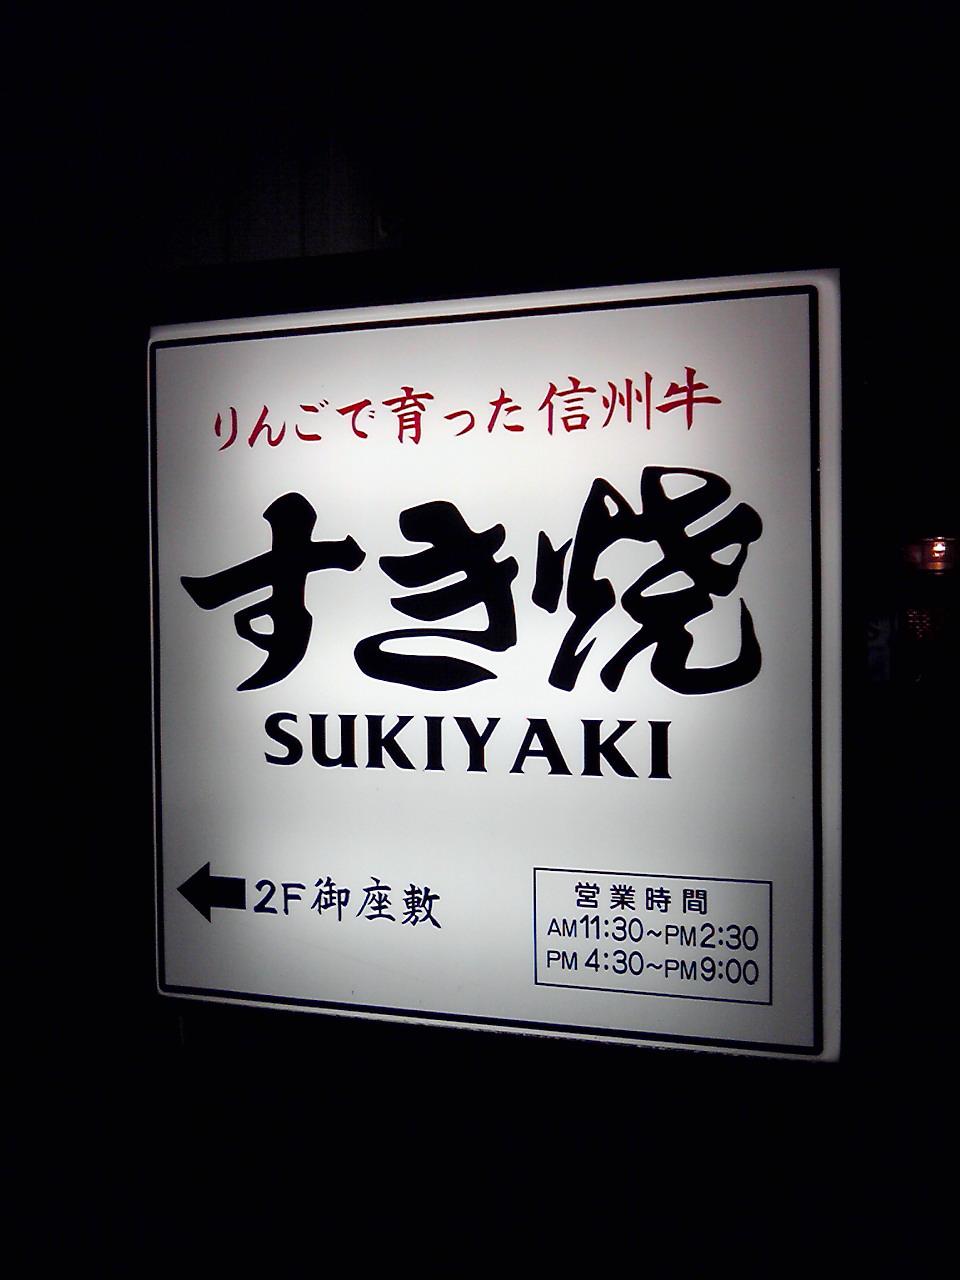 すき焼き福田屋